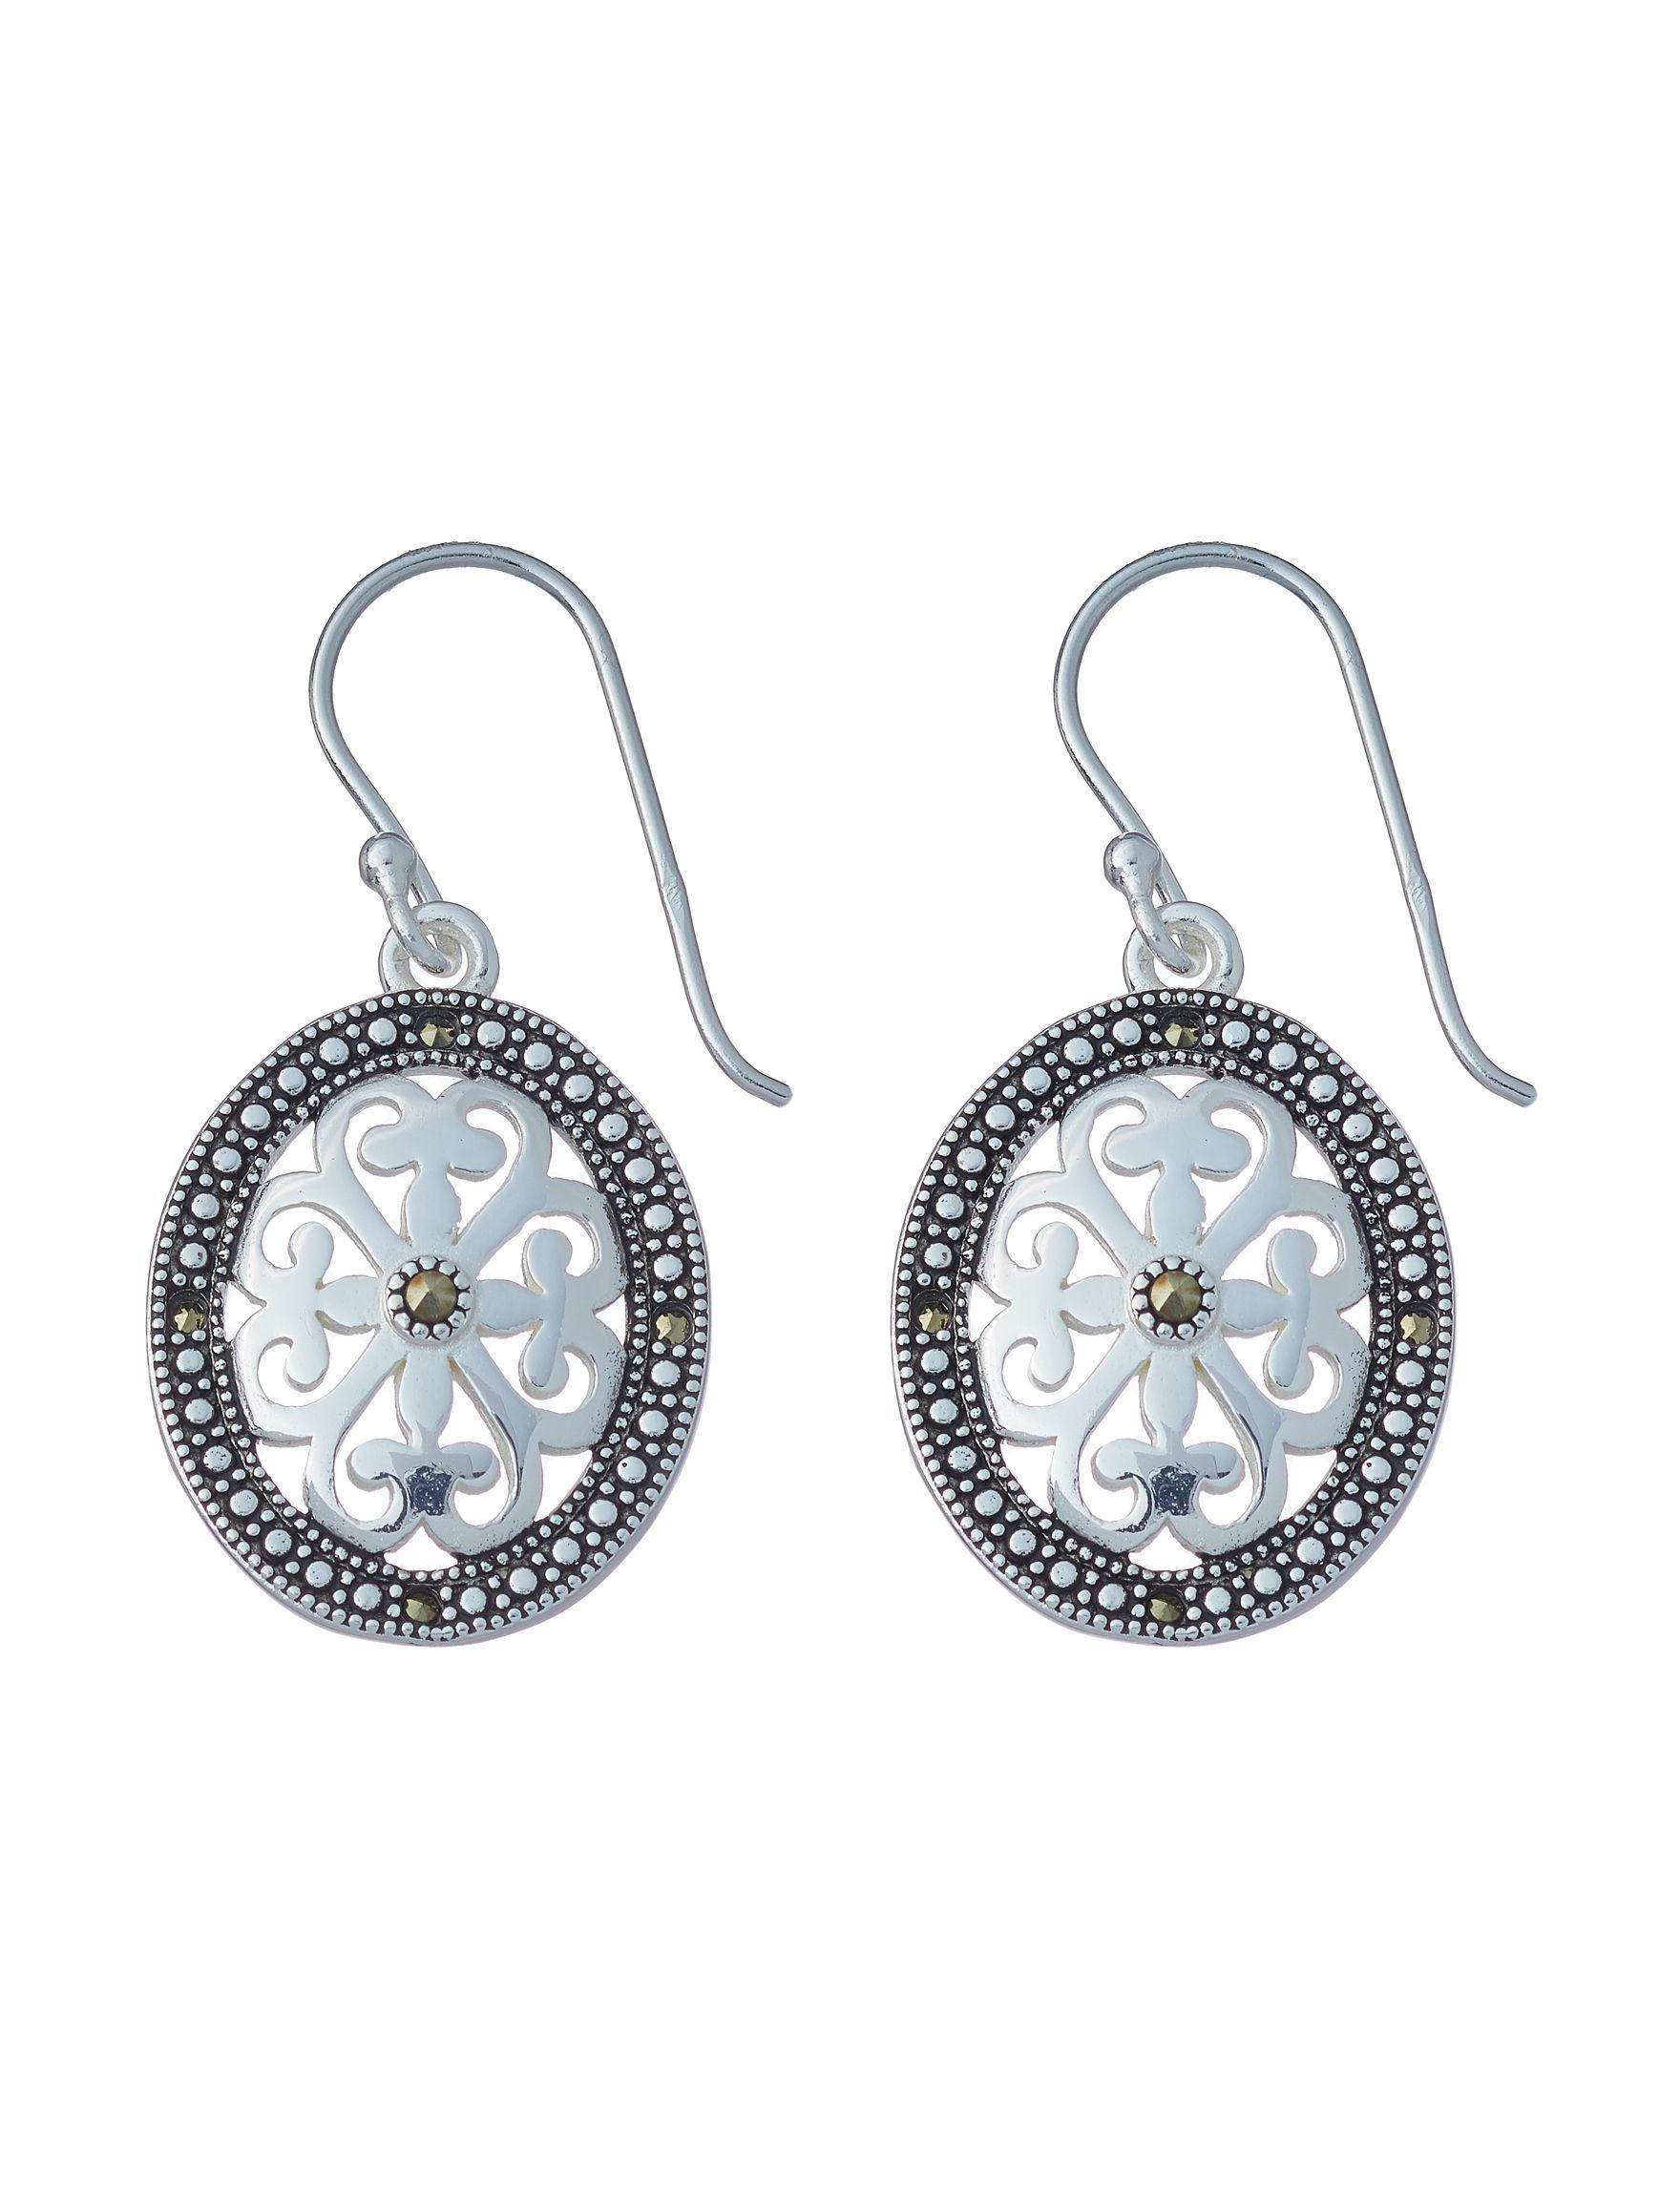 Marsala Black / Silver Drops Earrings Fine Jewelry